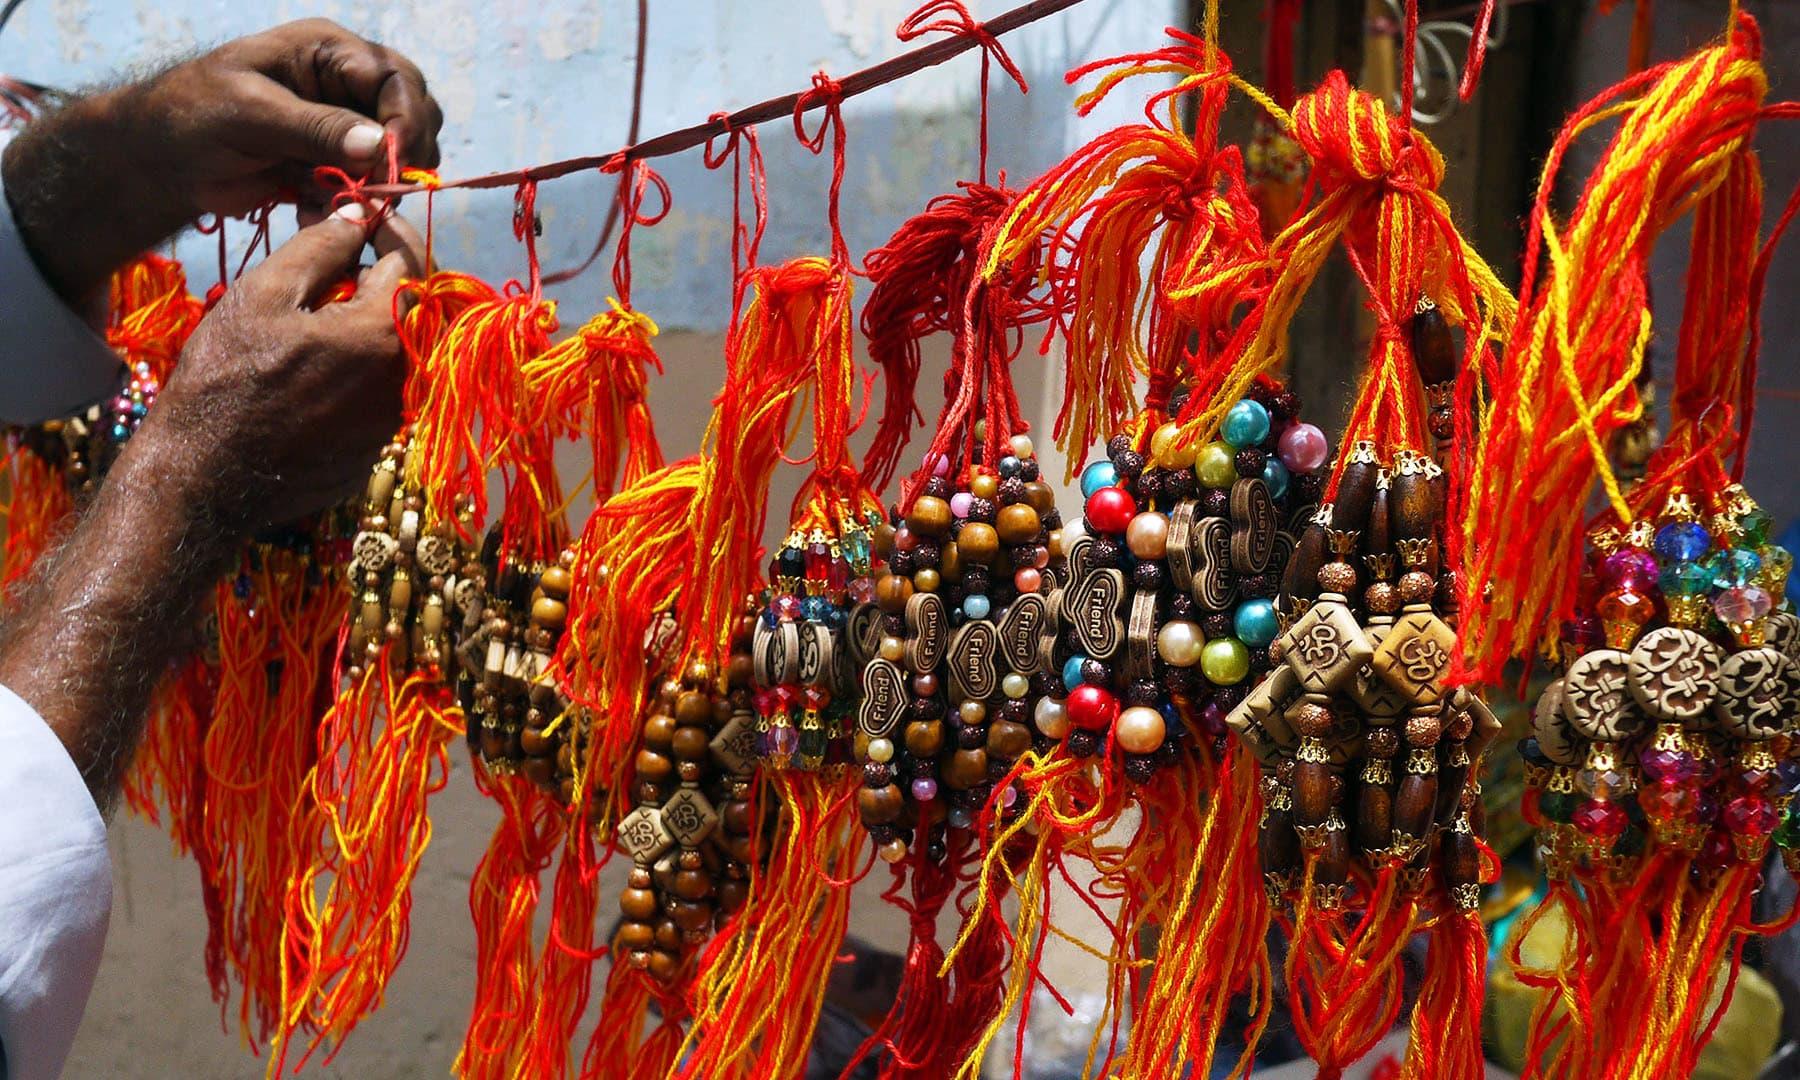 رکشا بندھن قریب آتے ہی ہندو خواتین اپنے بھائیوں کے لیے راکھی خریدتی ہیں.